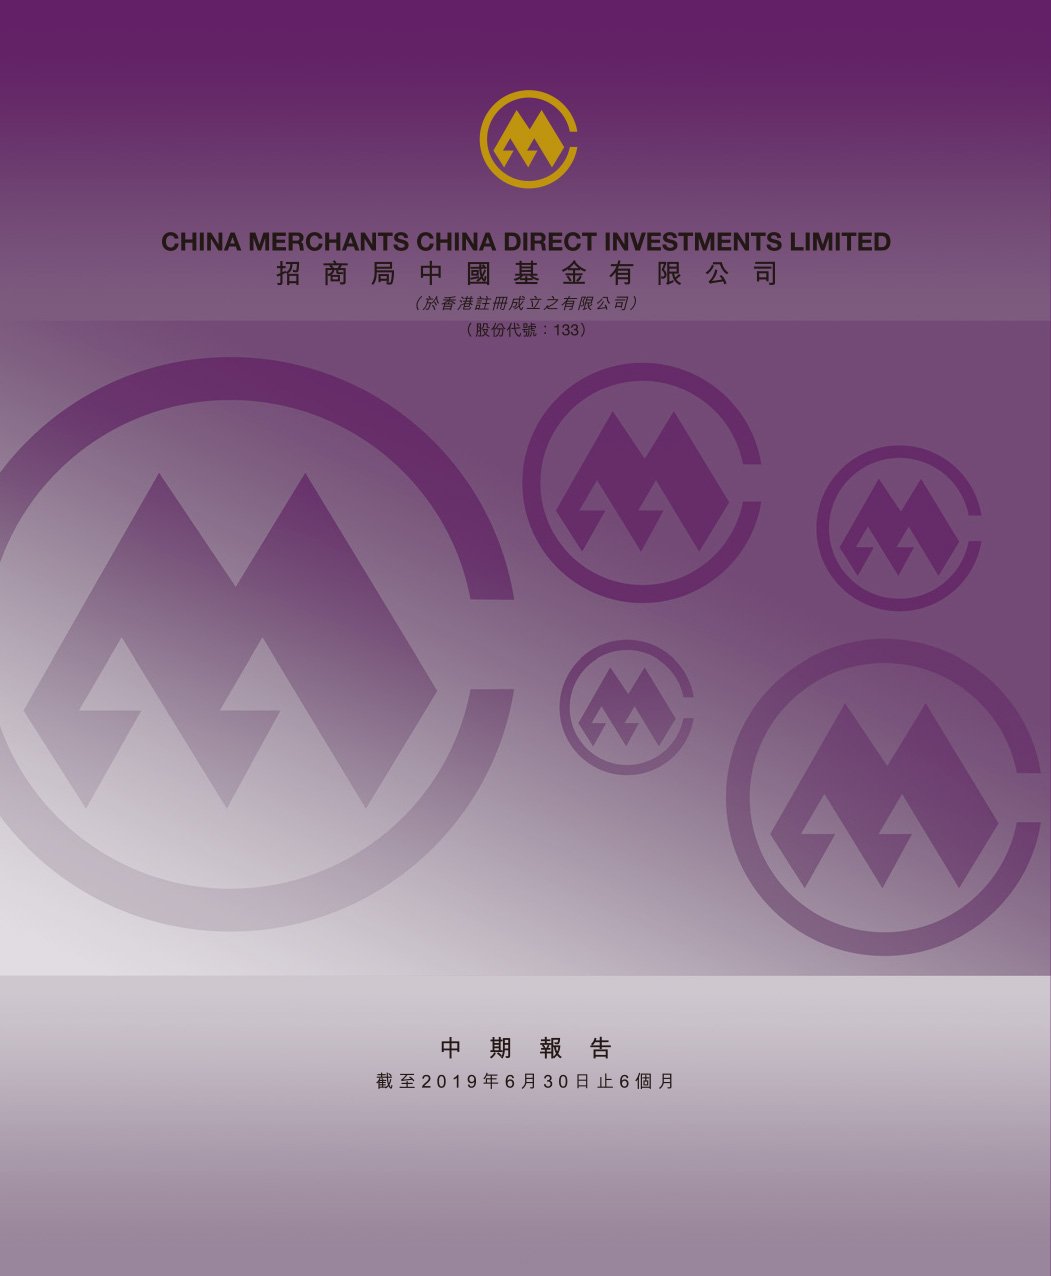 招商局中国基金有限公司